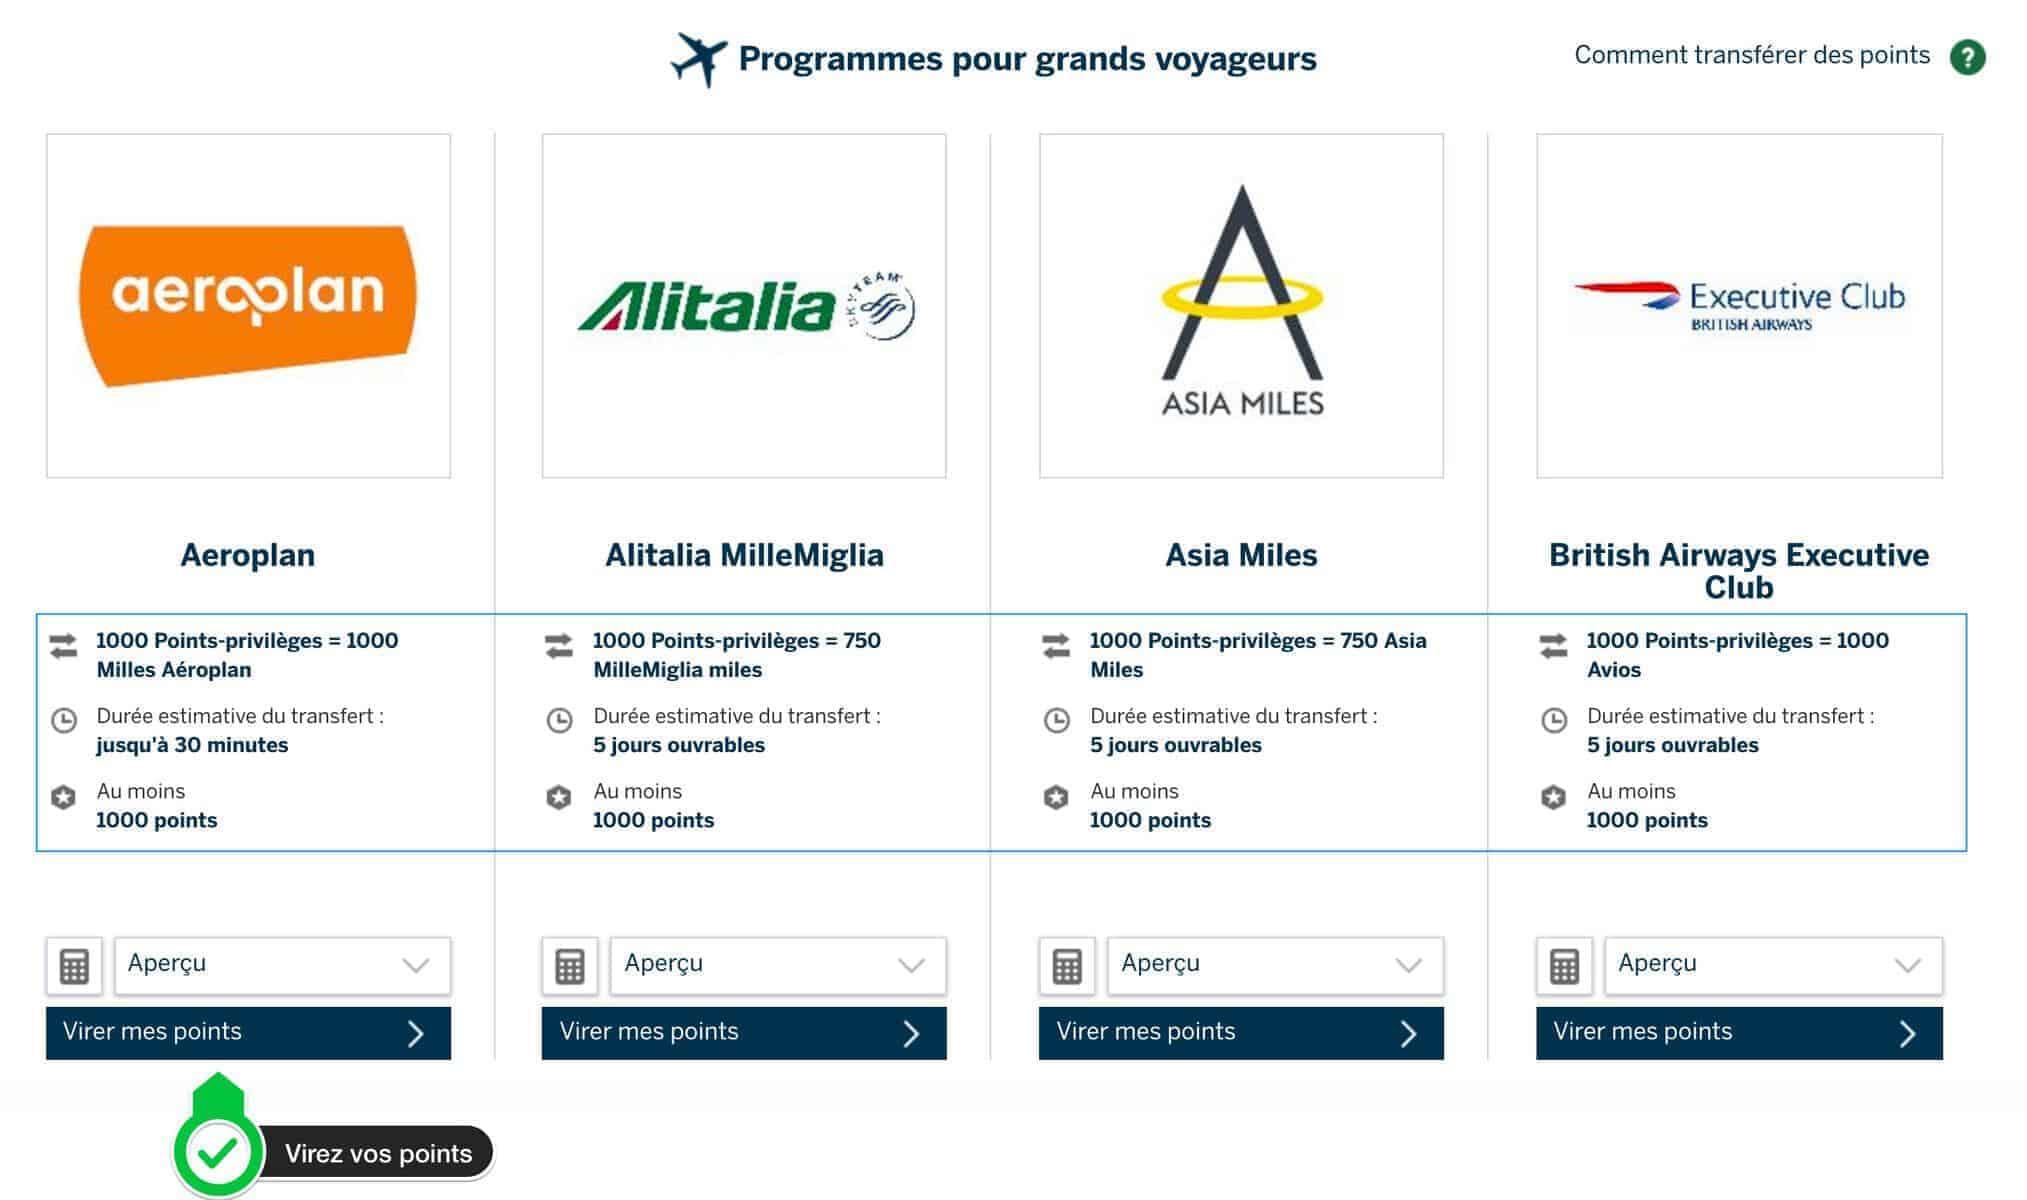 Les programmes aériens participants